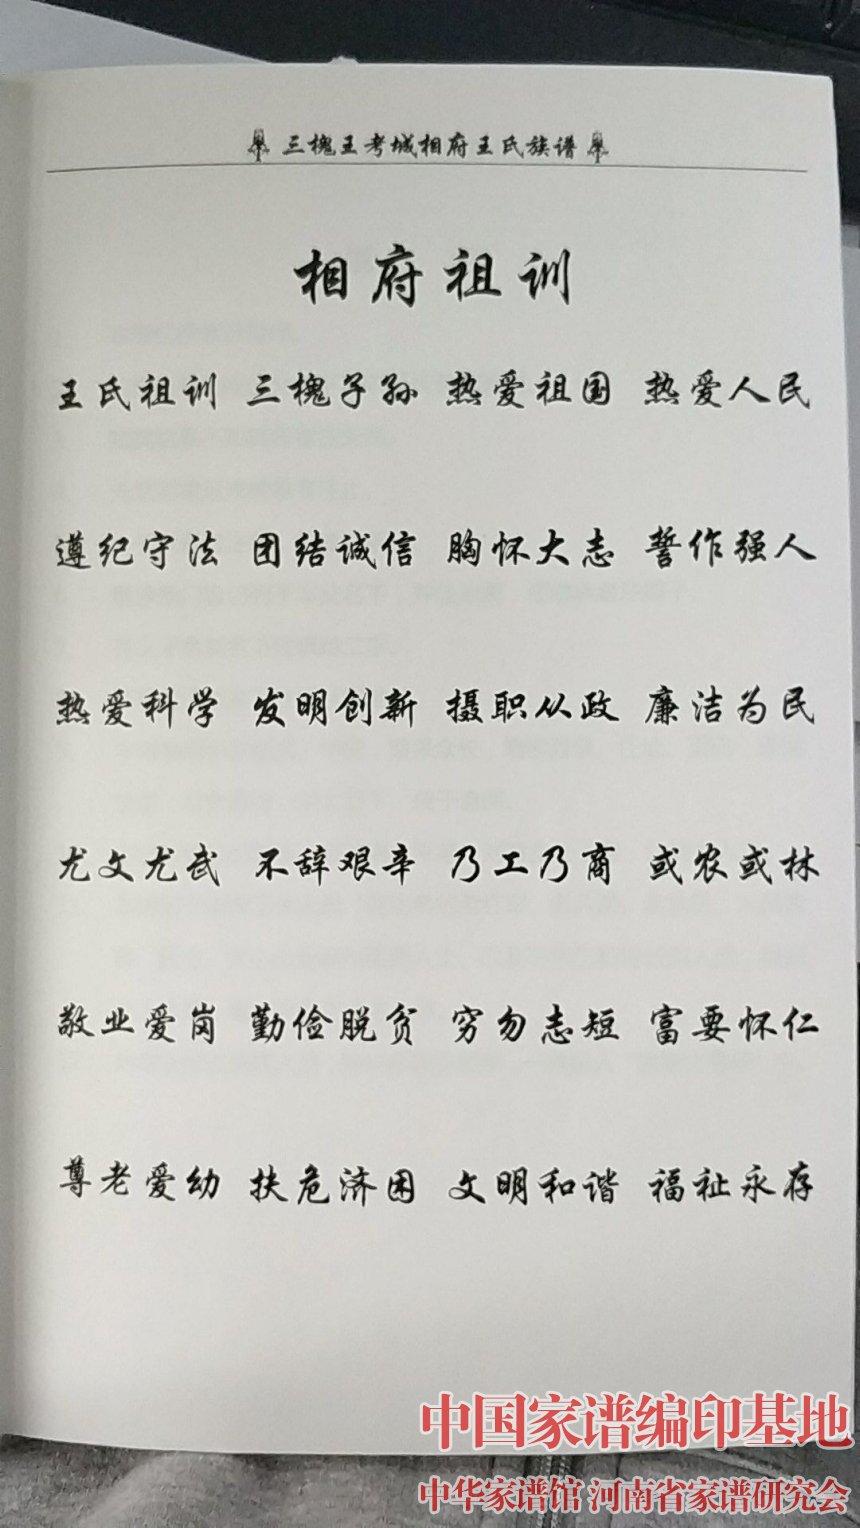 三槐堂兰考王氏祖训.jpg